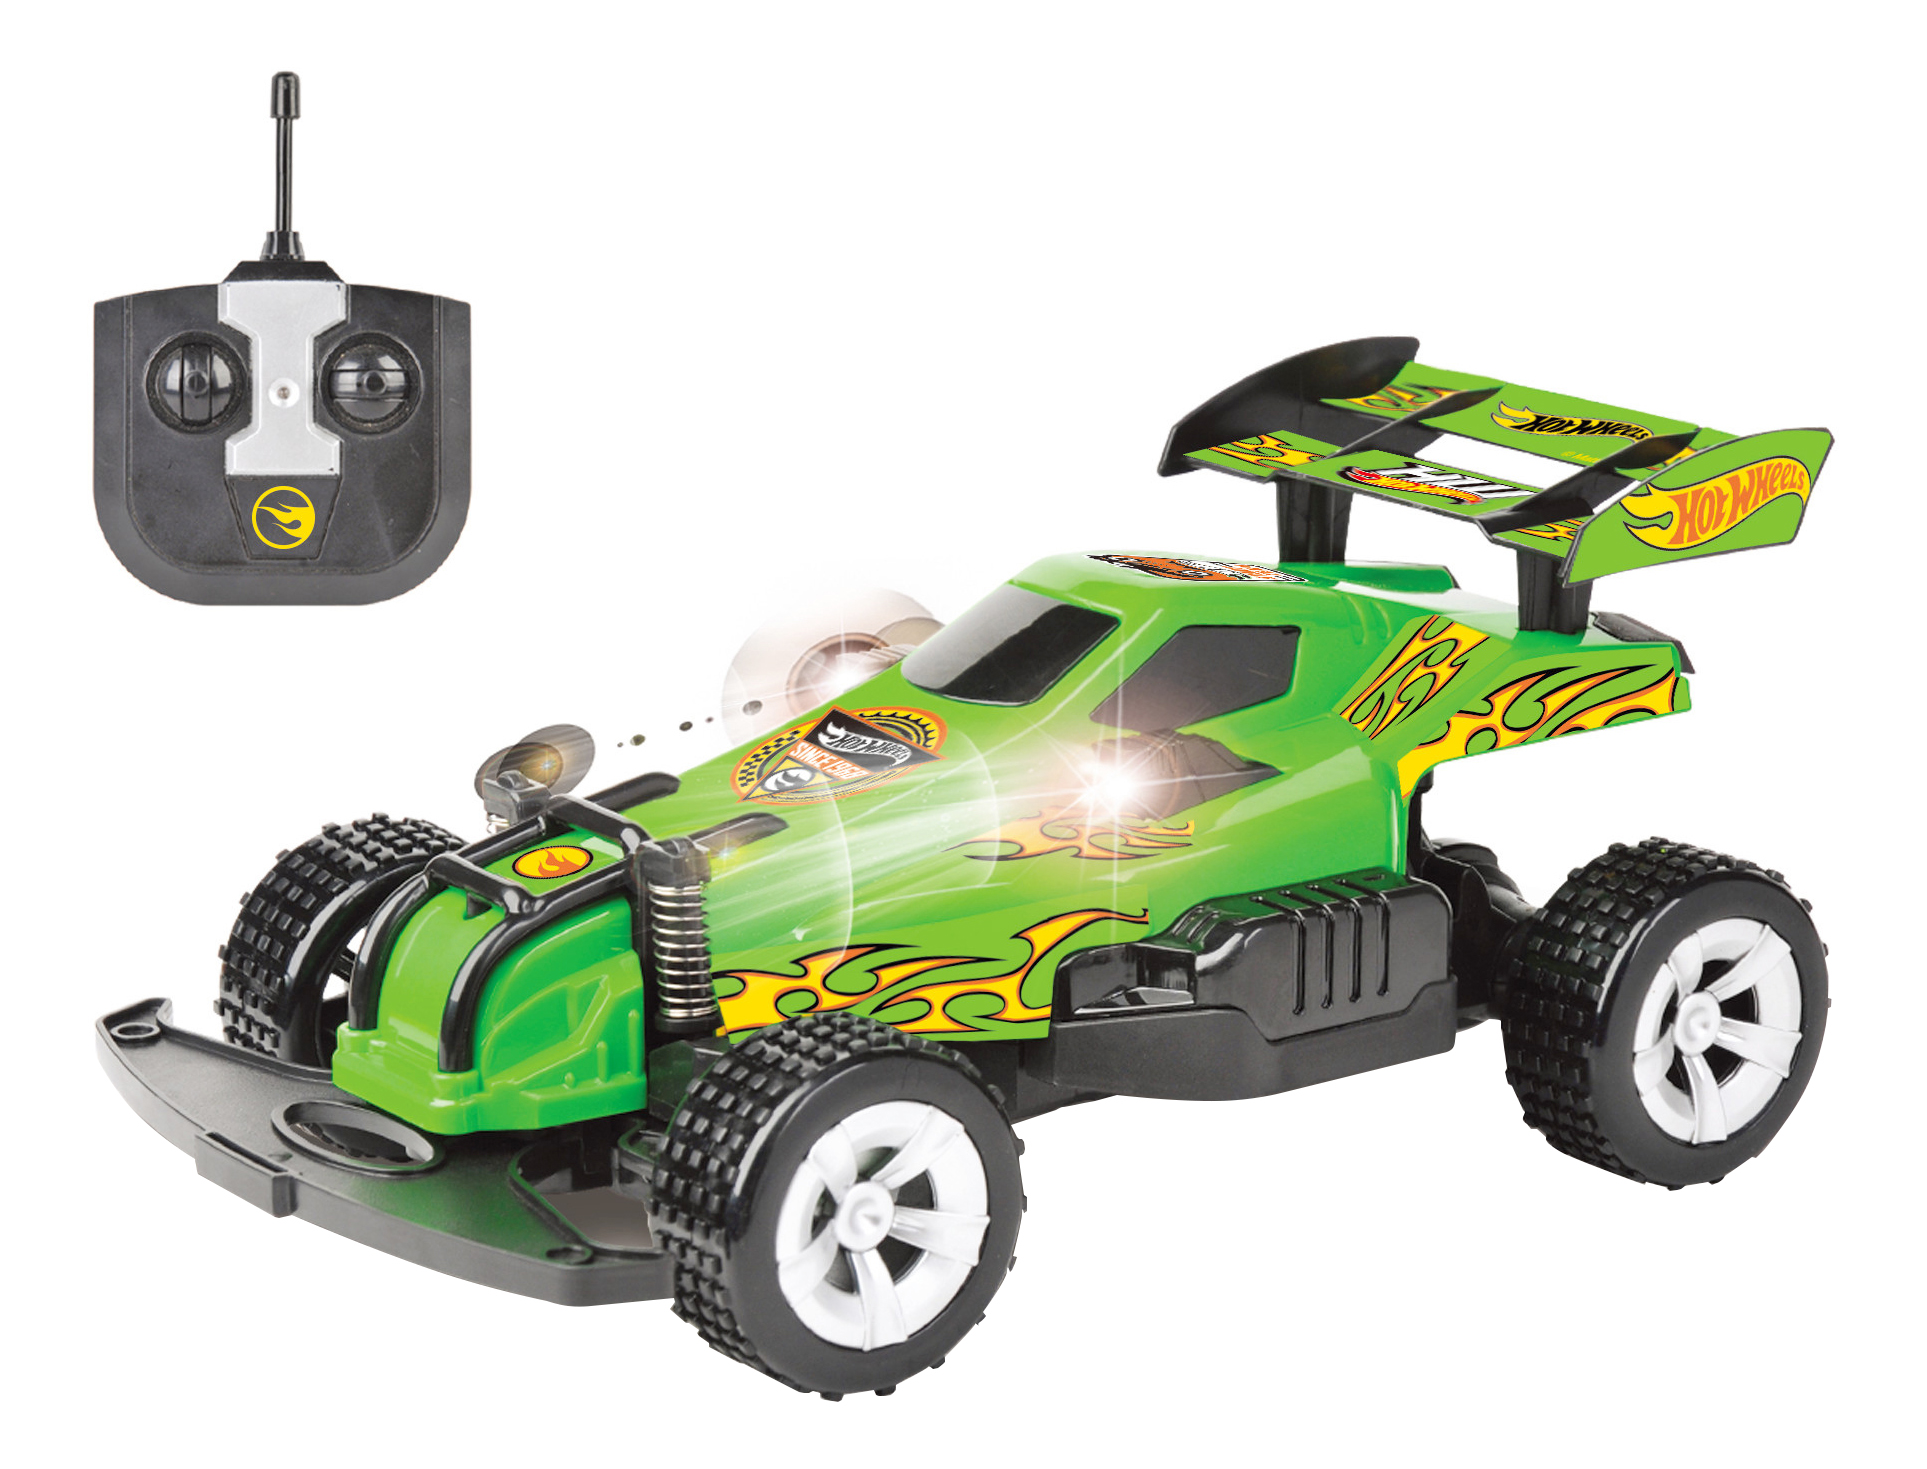 Купить Радиоуправляемая машинка Hot Wheels багги зелёная 1 TOY Т10975, Радиоуправляемые машинки